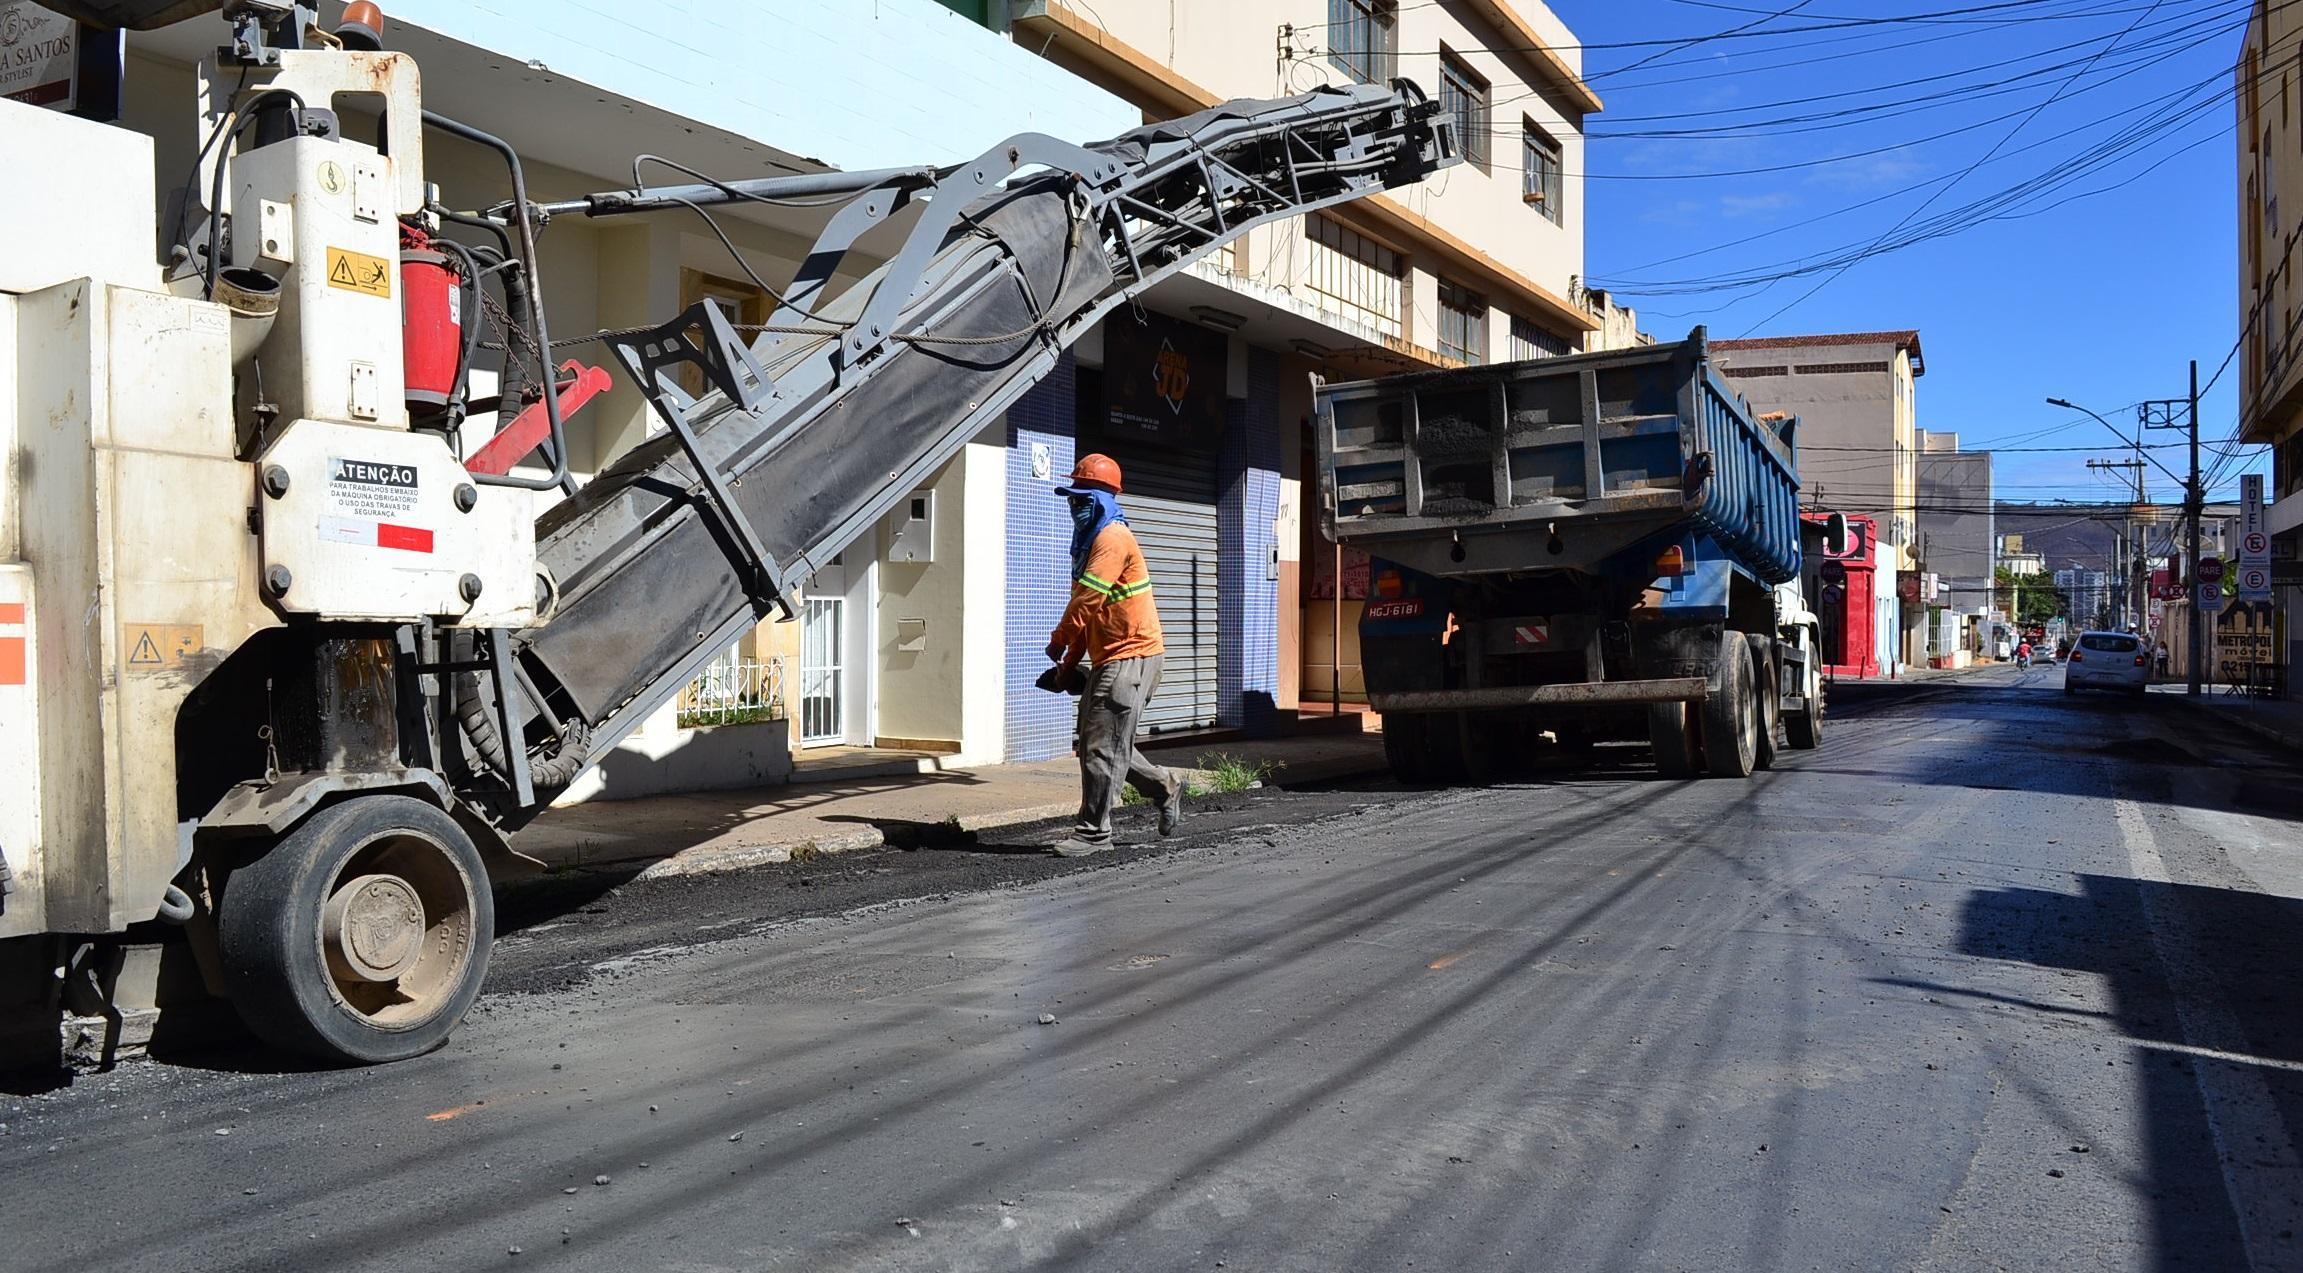 Imagem de destaque Prefeitura intensifica recapeamento na área central e leva asfalto novo para os bairros